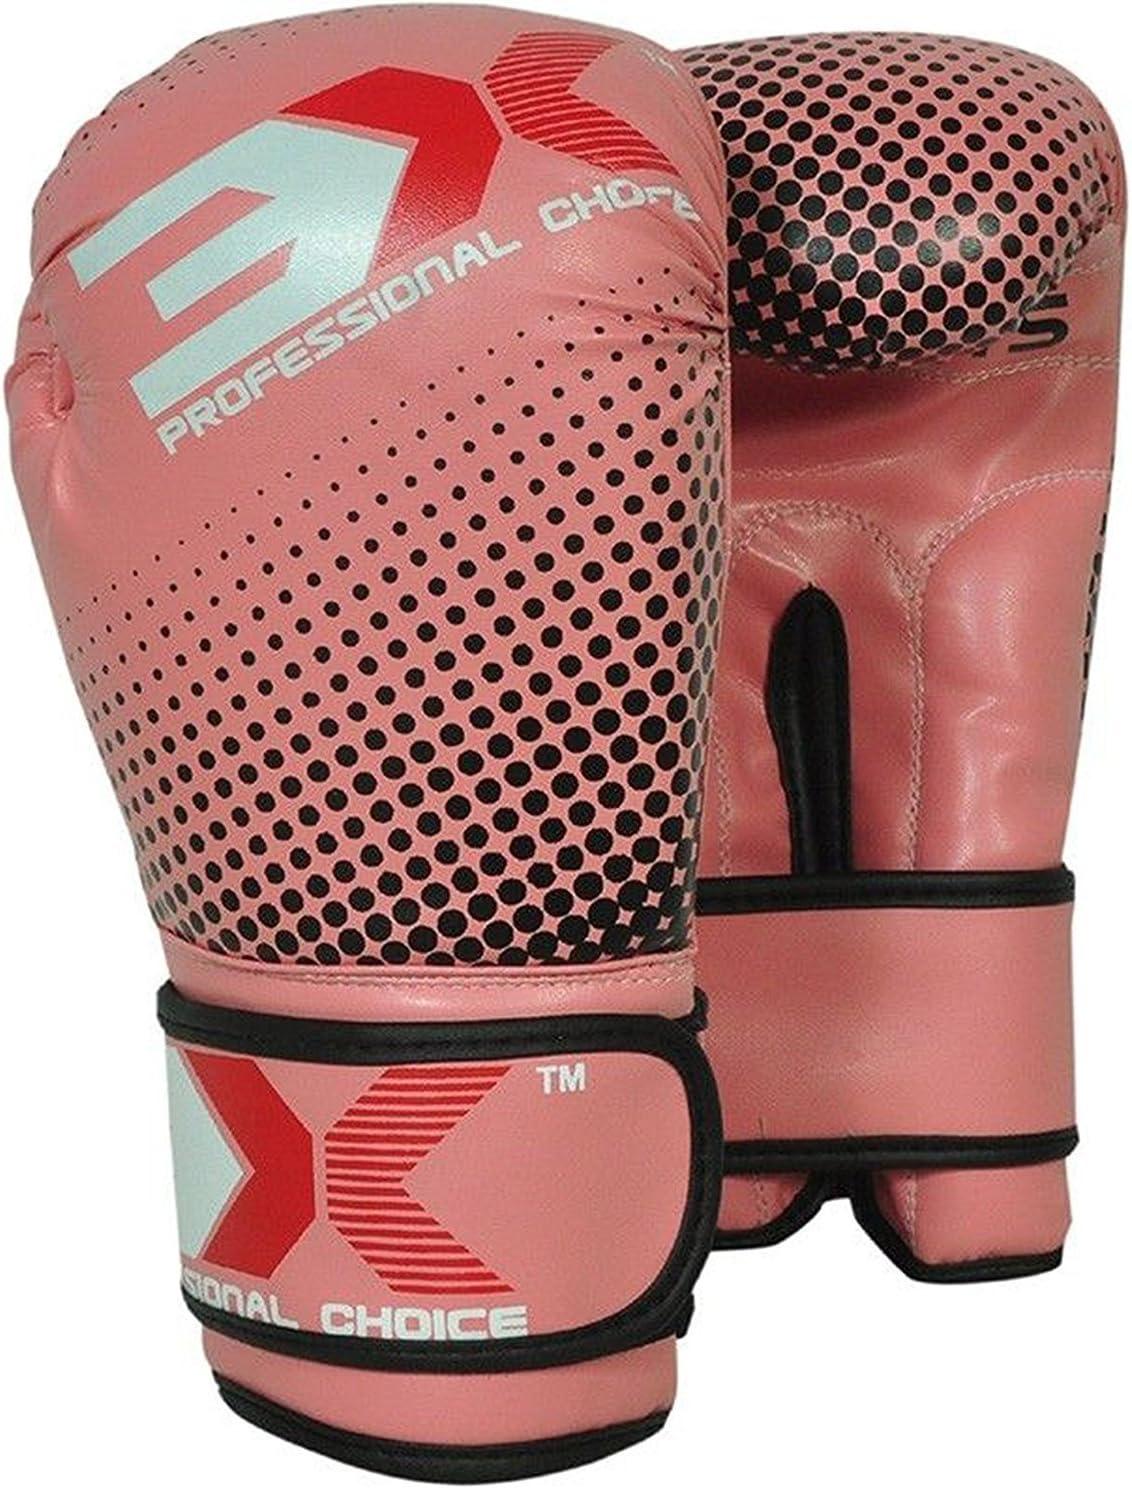 3X Professional Choice Ni/ños Guantes de Boxeo Maya Hide Saco de Boxeo de Cuero Mitones Kickboxing Sparring Krav Maga Entrenamiento de Artes Marciales Ni/ños Ni/ñas